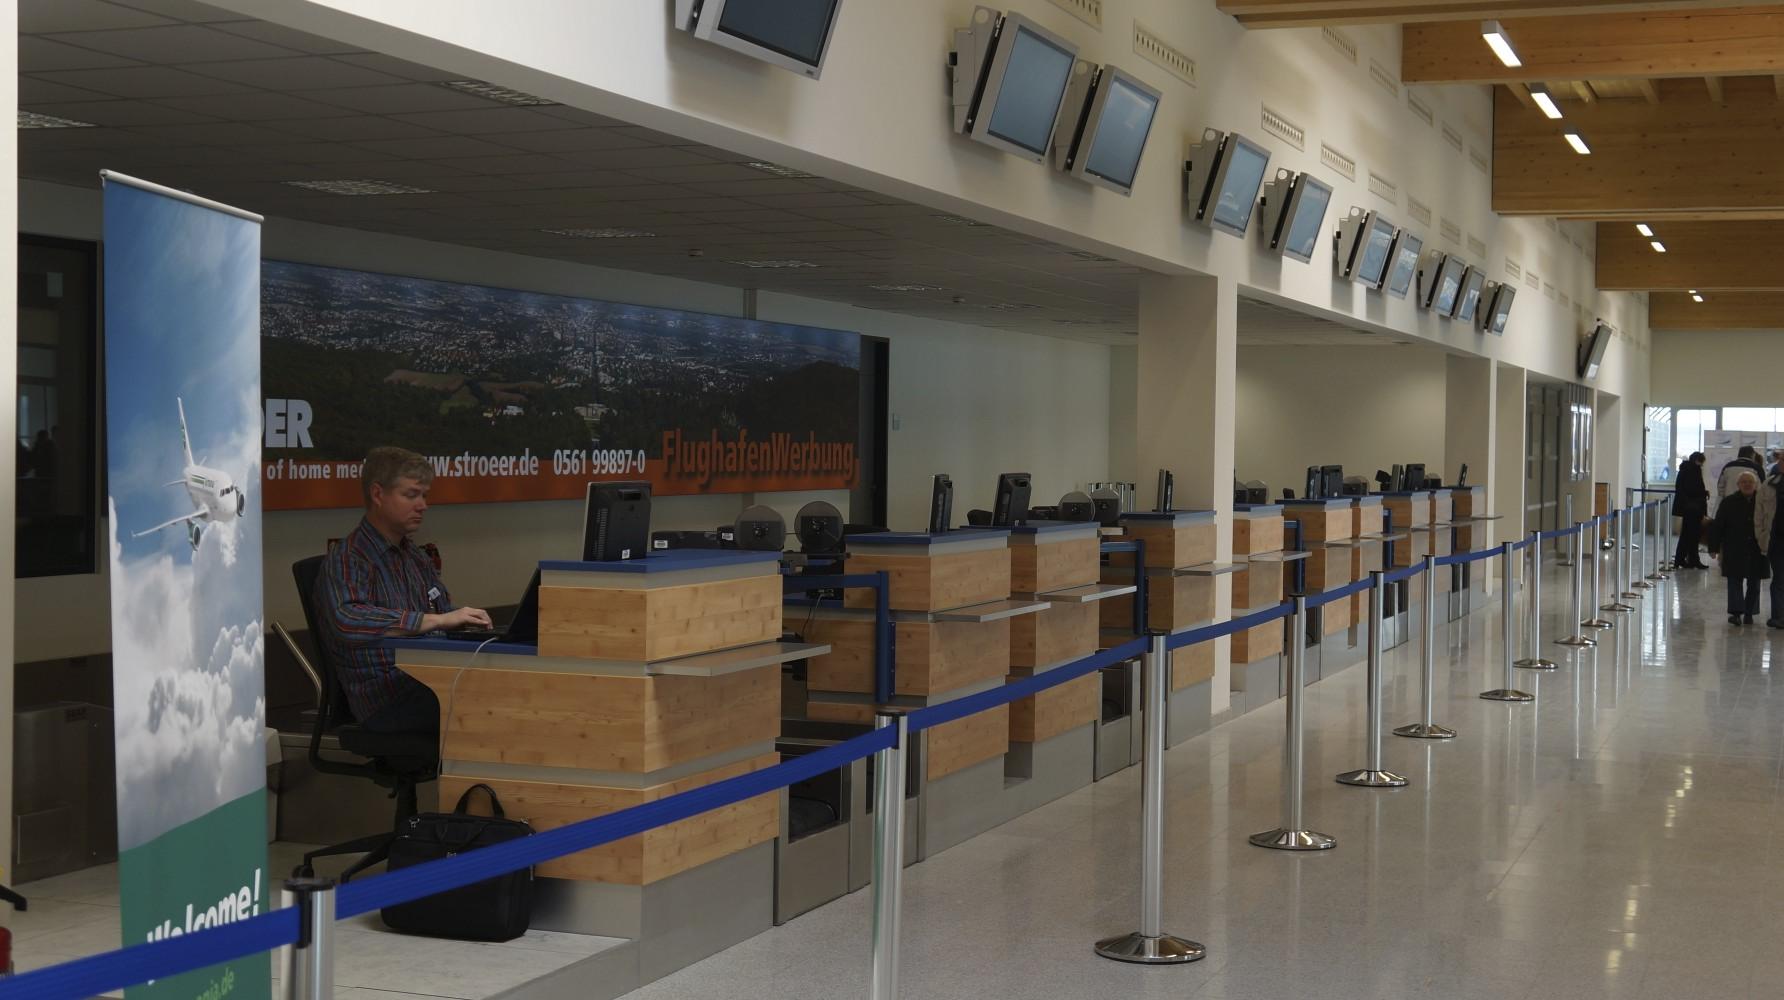 Impressionen vom neuen Flughafen Kassel - Calden 3